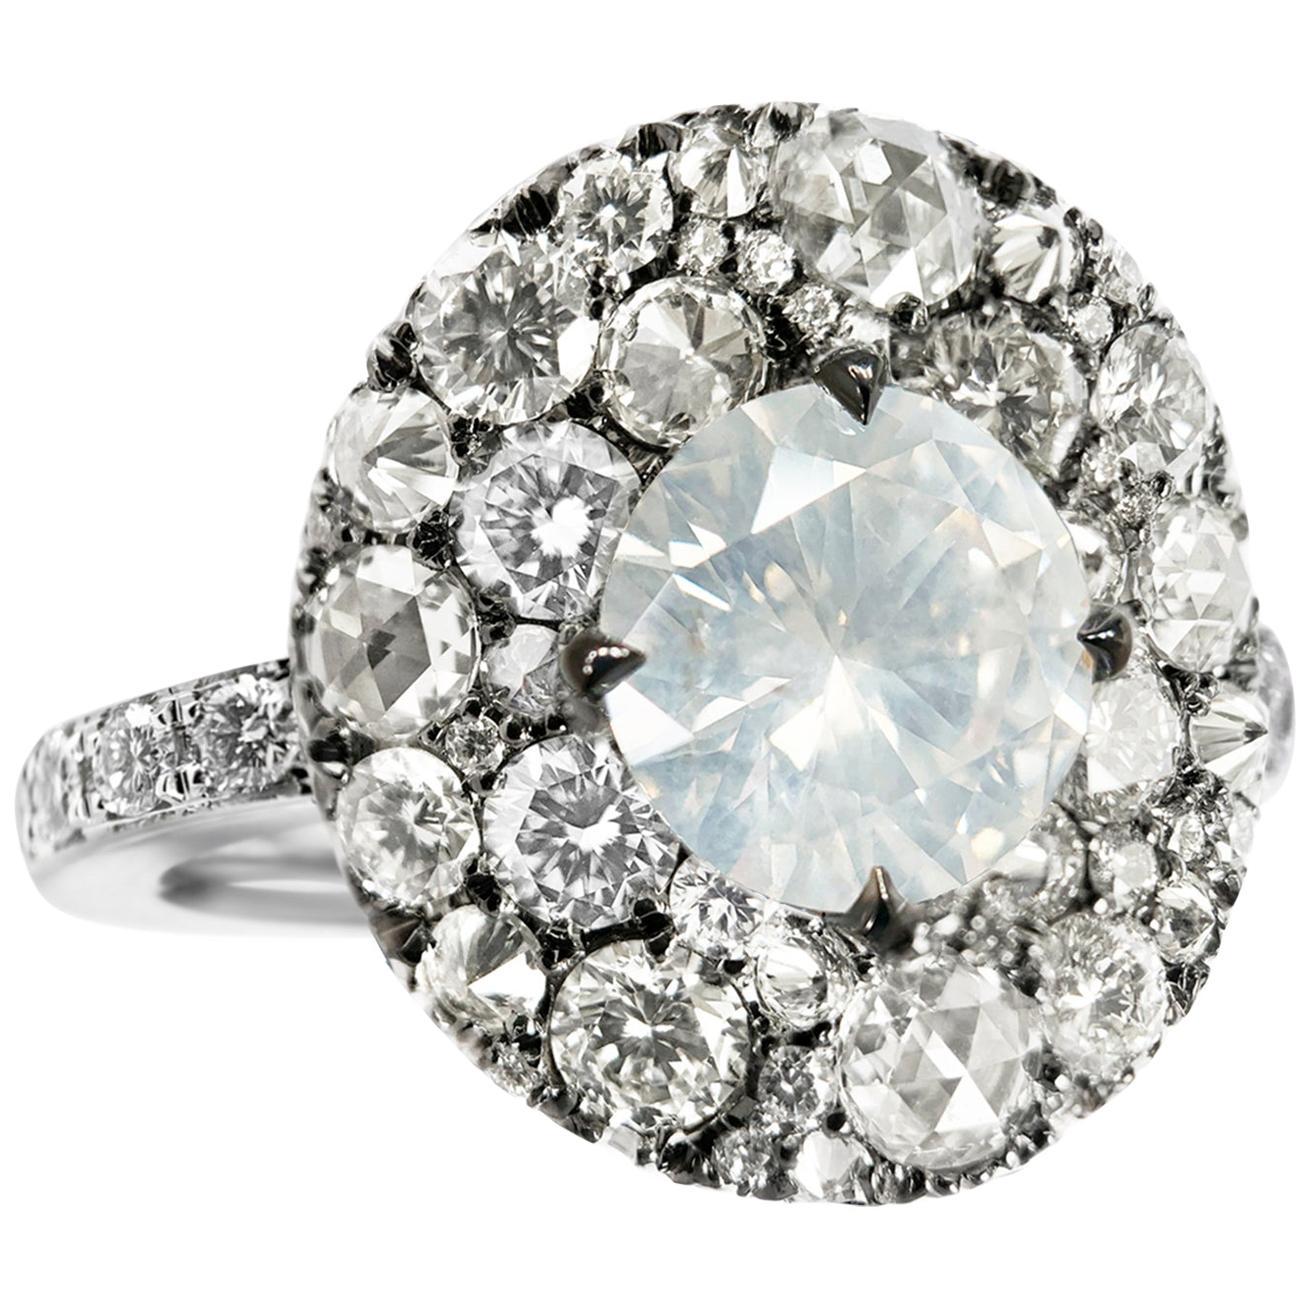 Joke Quick 2.10 Carat Fancy White Diamond Pave Cocktail Ring